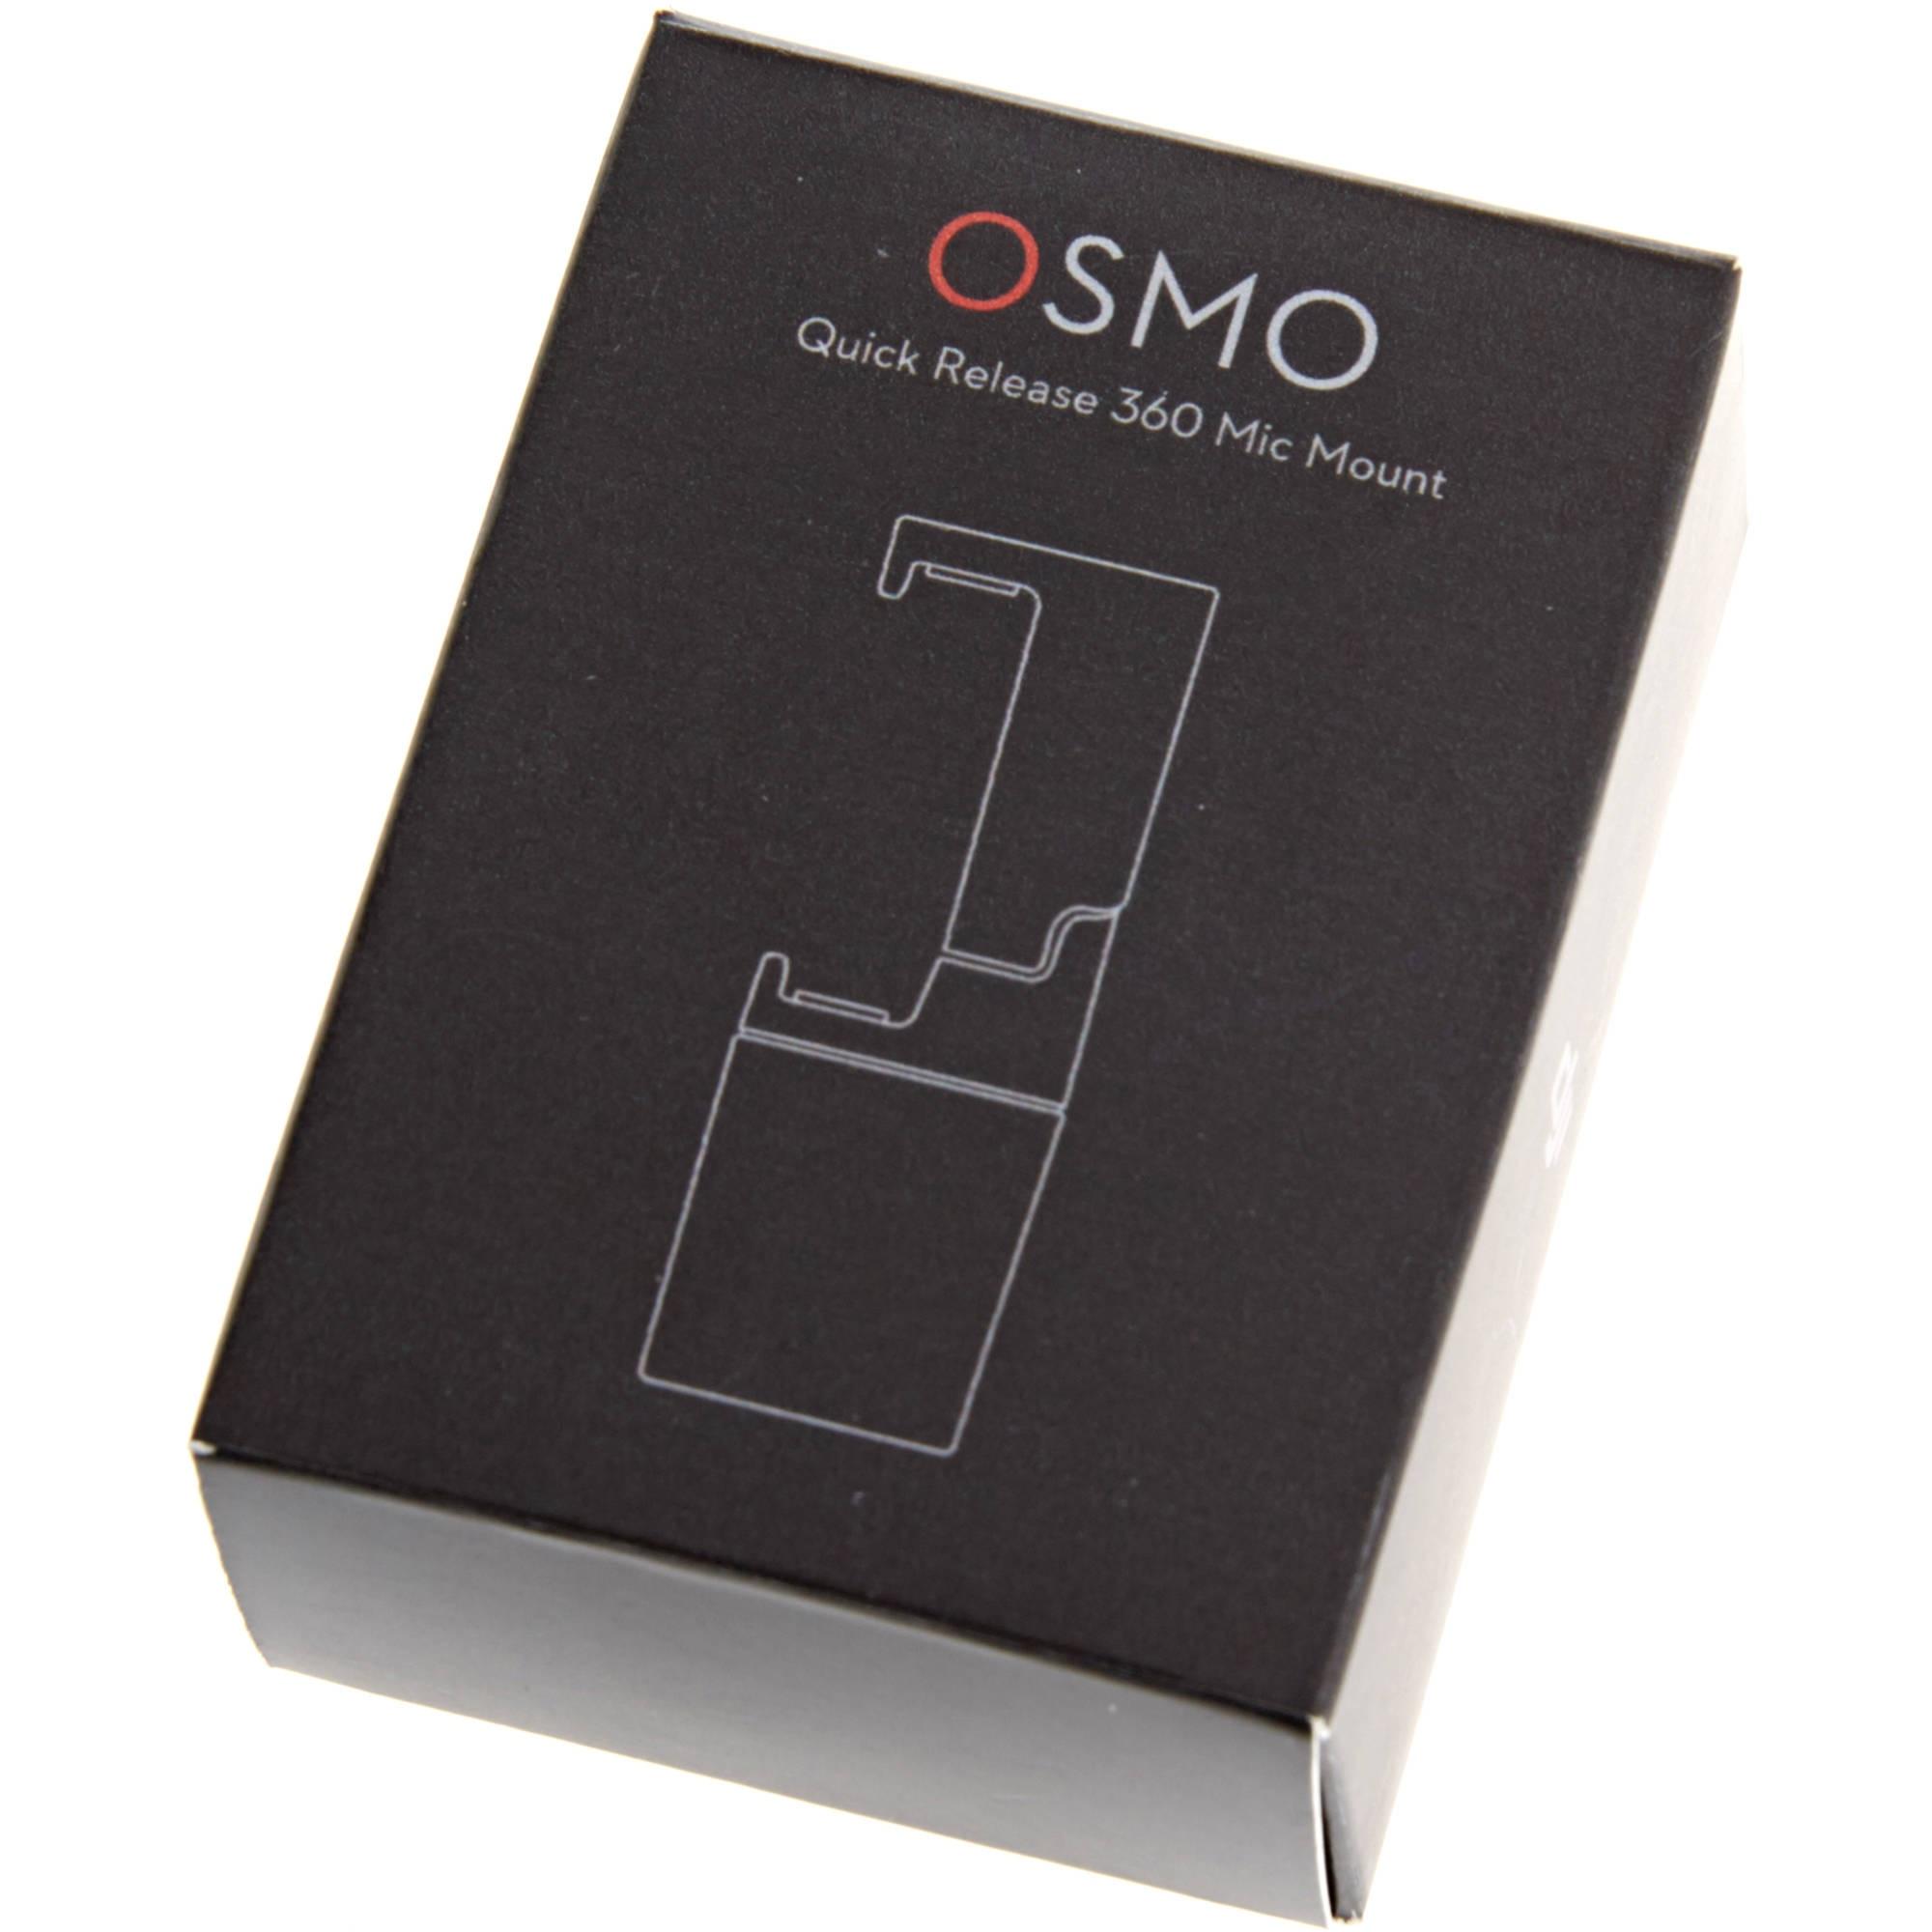 Быстросъемное крепление микрофона для DJI Osmo Quick Release 360 Mic Mount-6